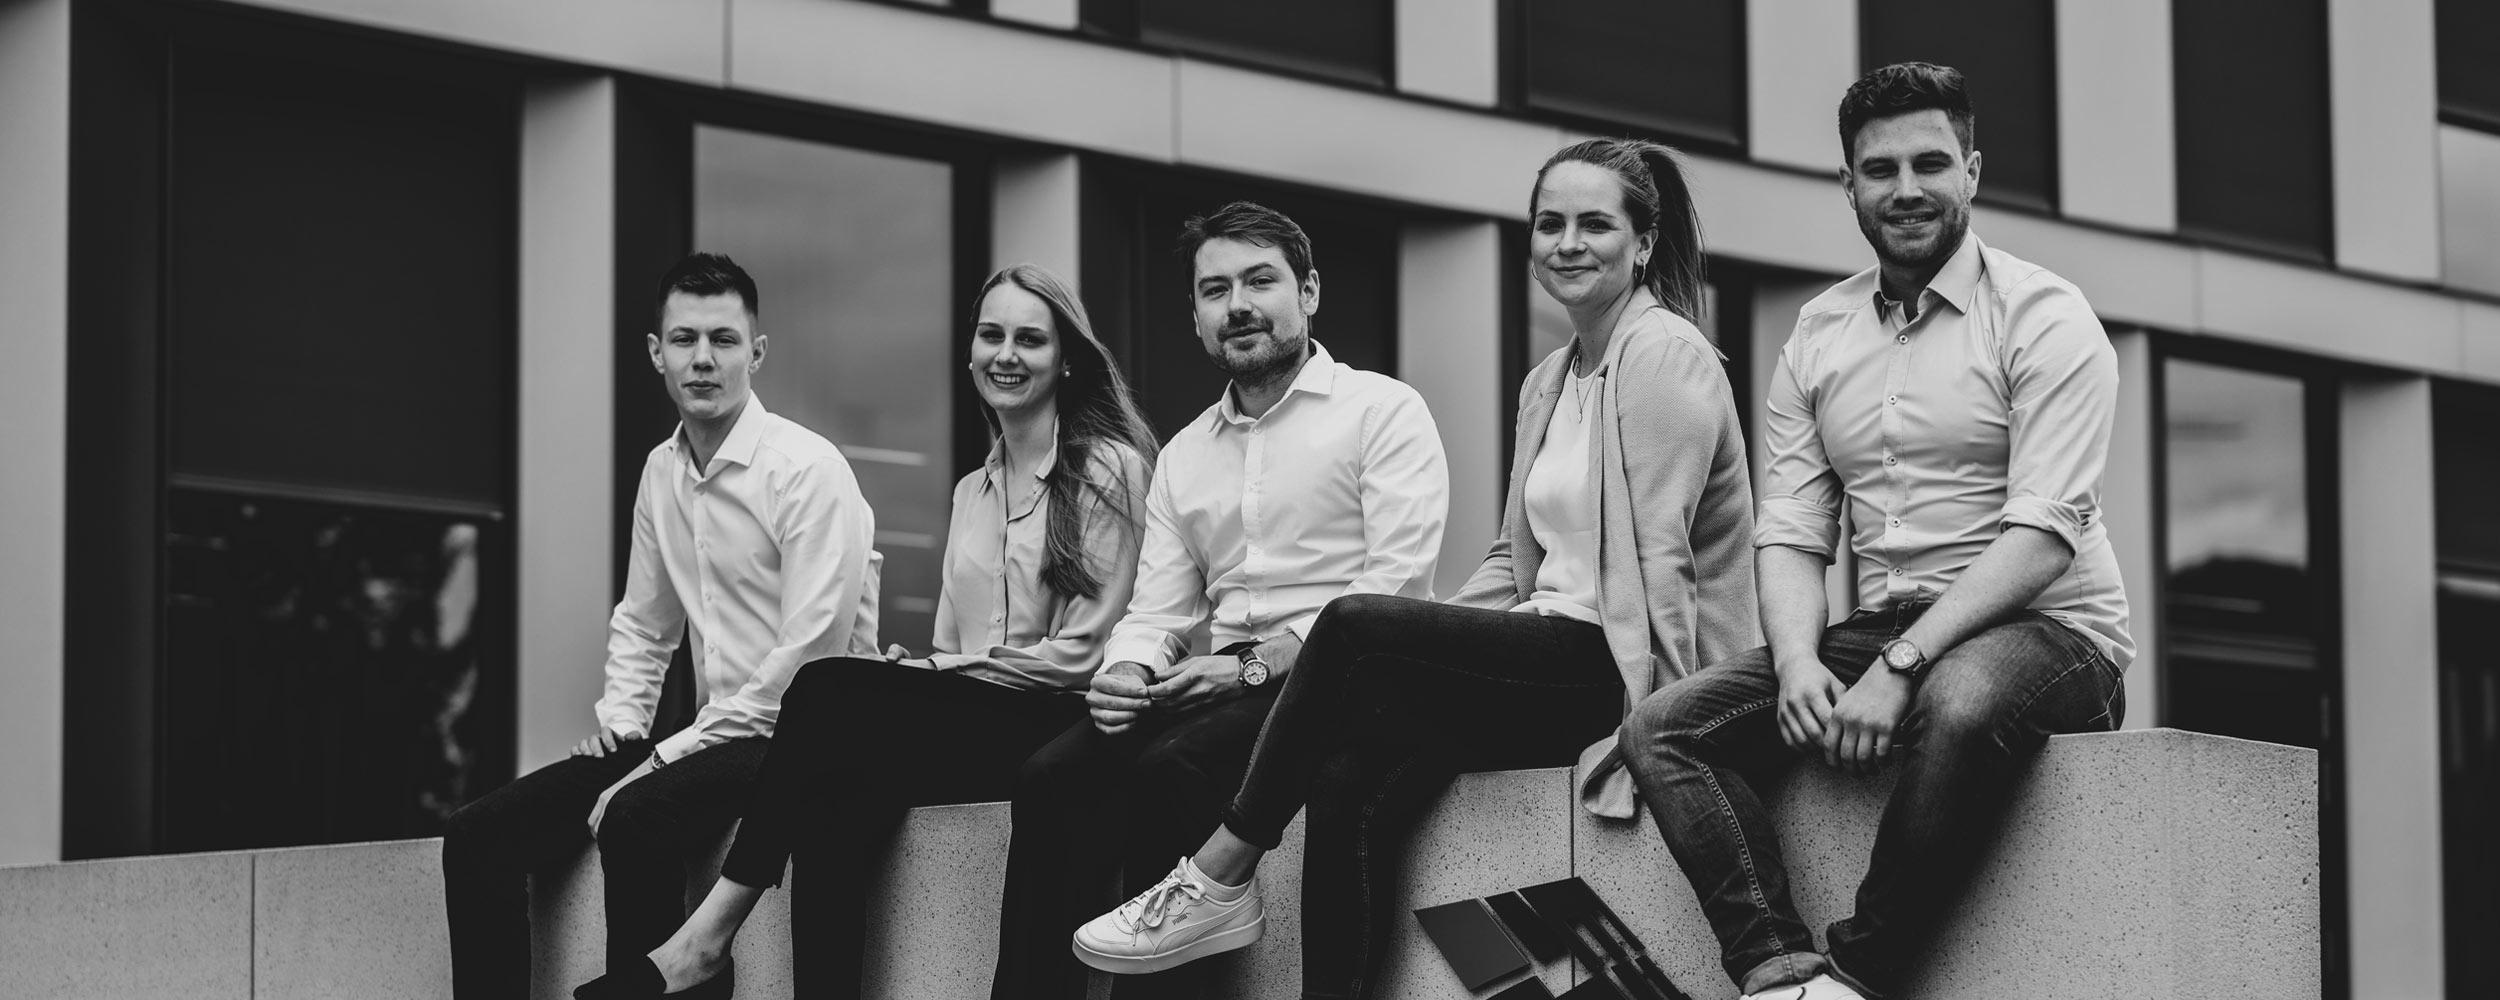 NEXIS GmbH - Jetzt Karriere machen!